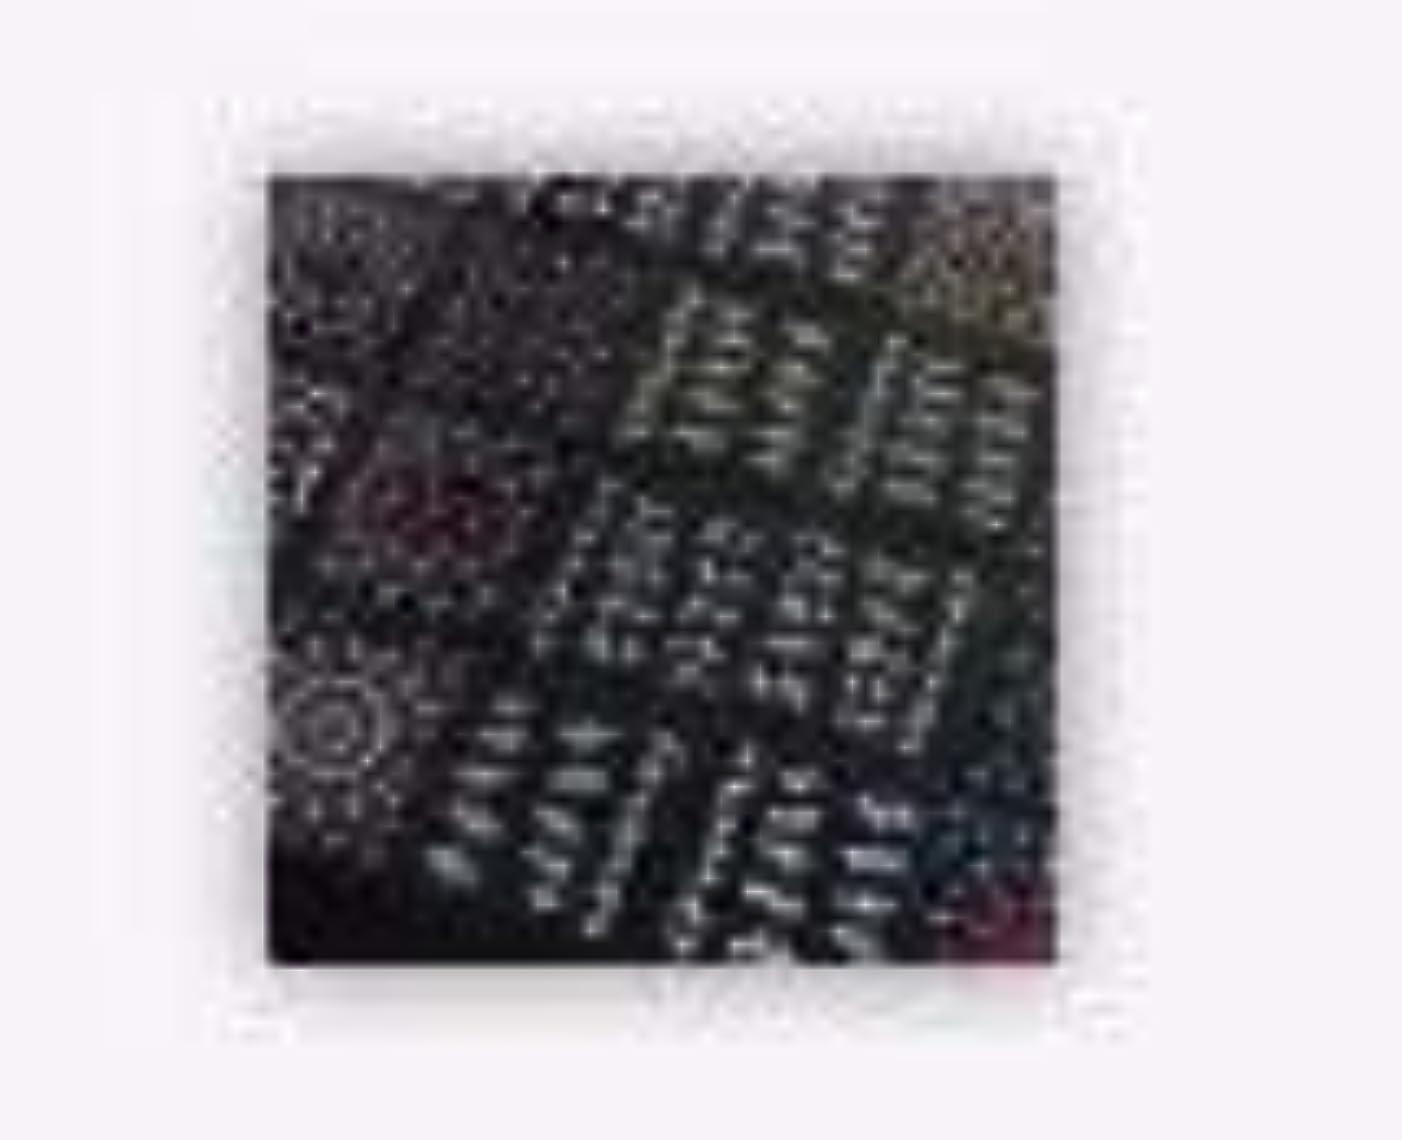 オール色合い有力者50シート3Dミックスカラーフローラルデザインネイルアートステッカーデカールマニキュア美しいファッションアクセサリーの装飾